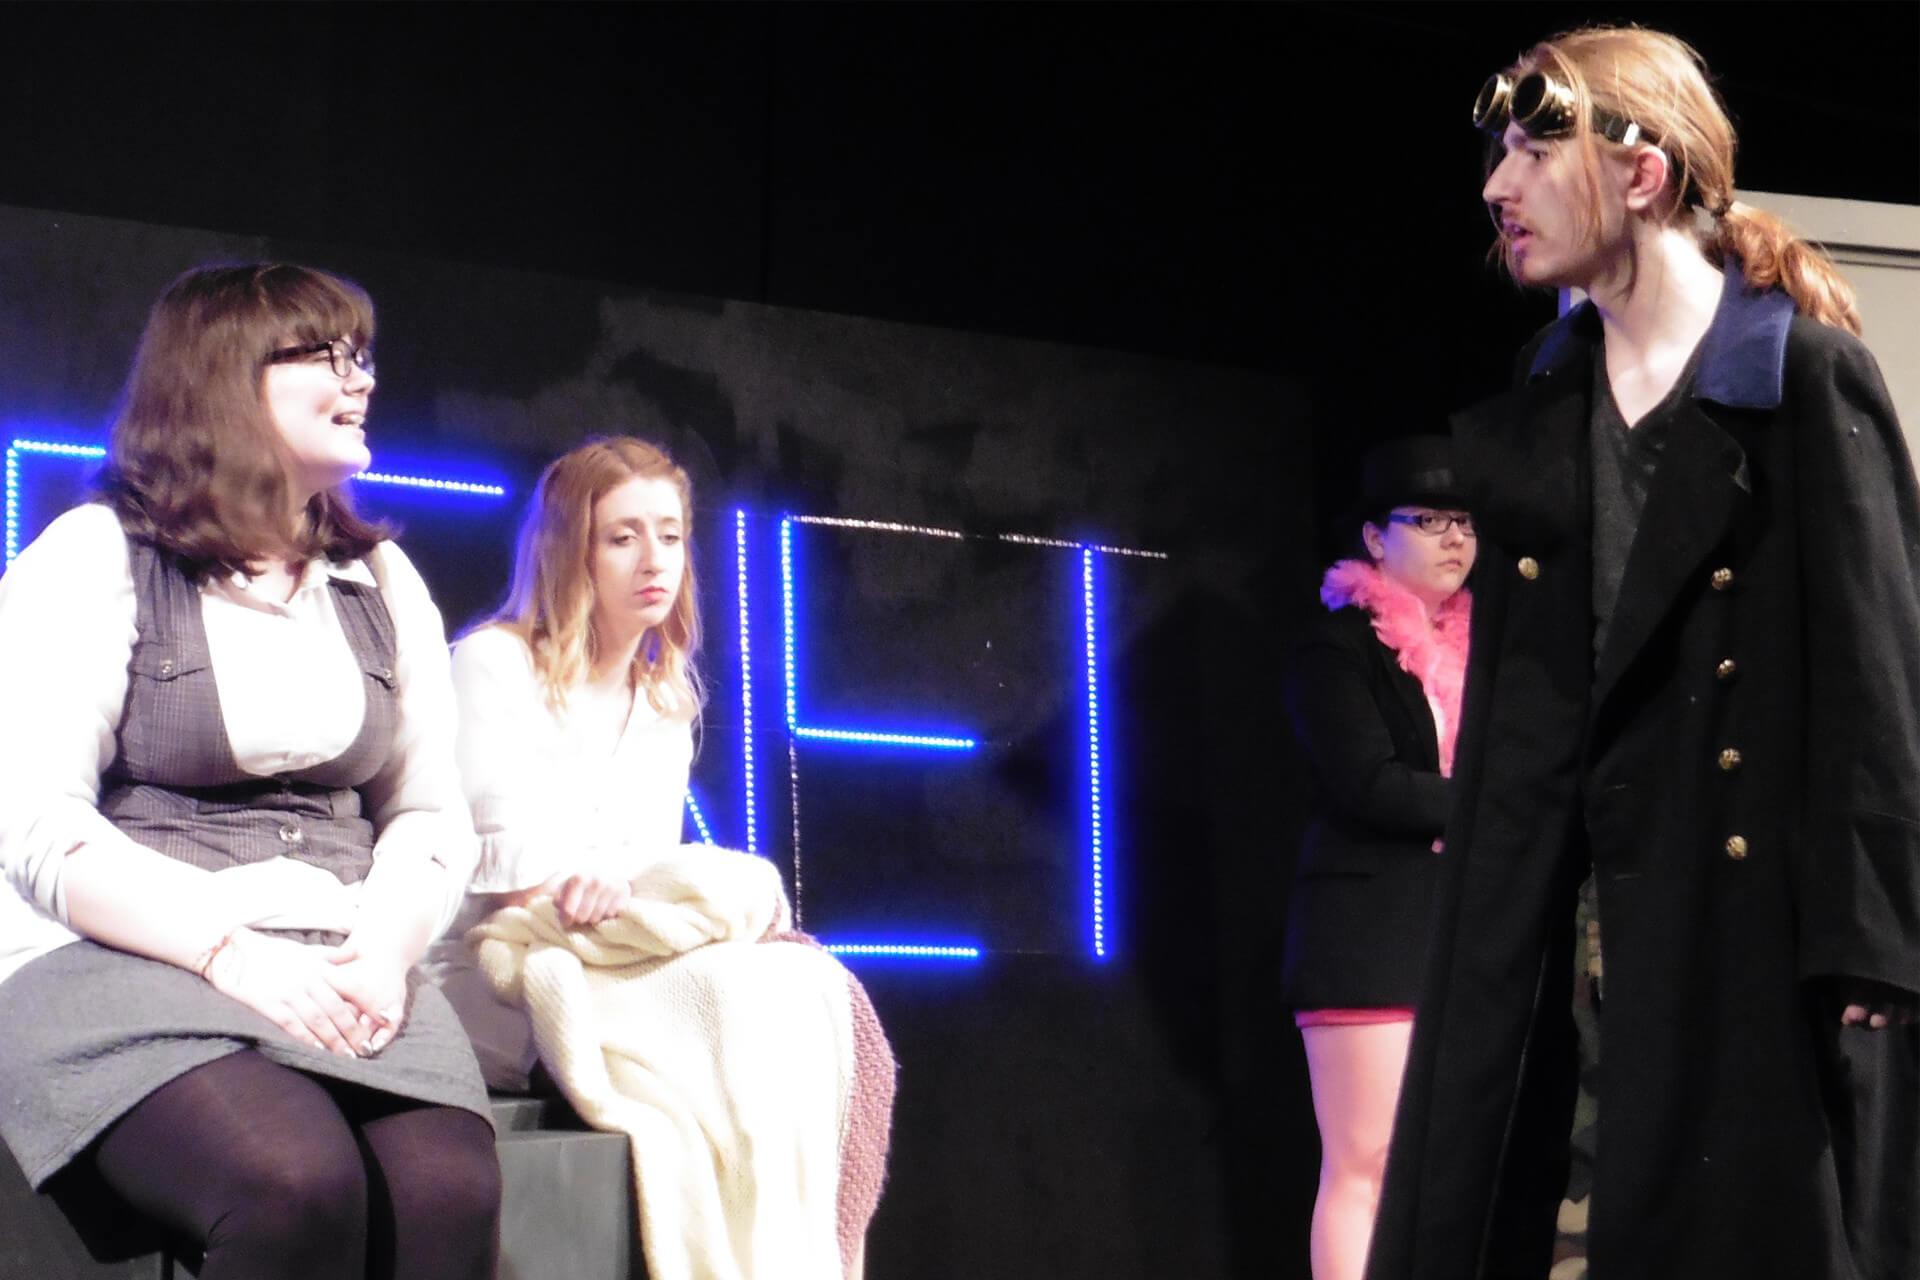 2017 03 31 Theater Draussen Vor Der Tuer Content Galerie 5